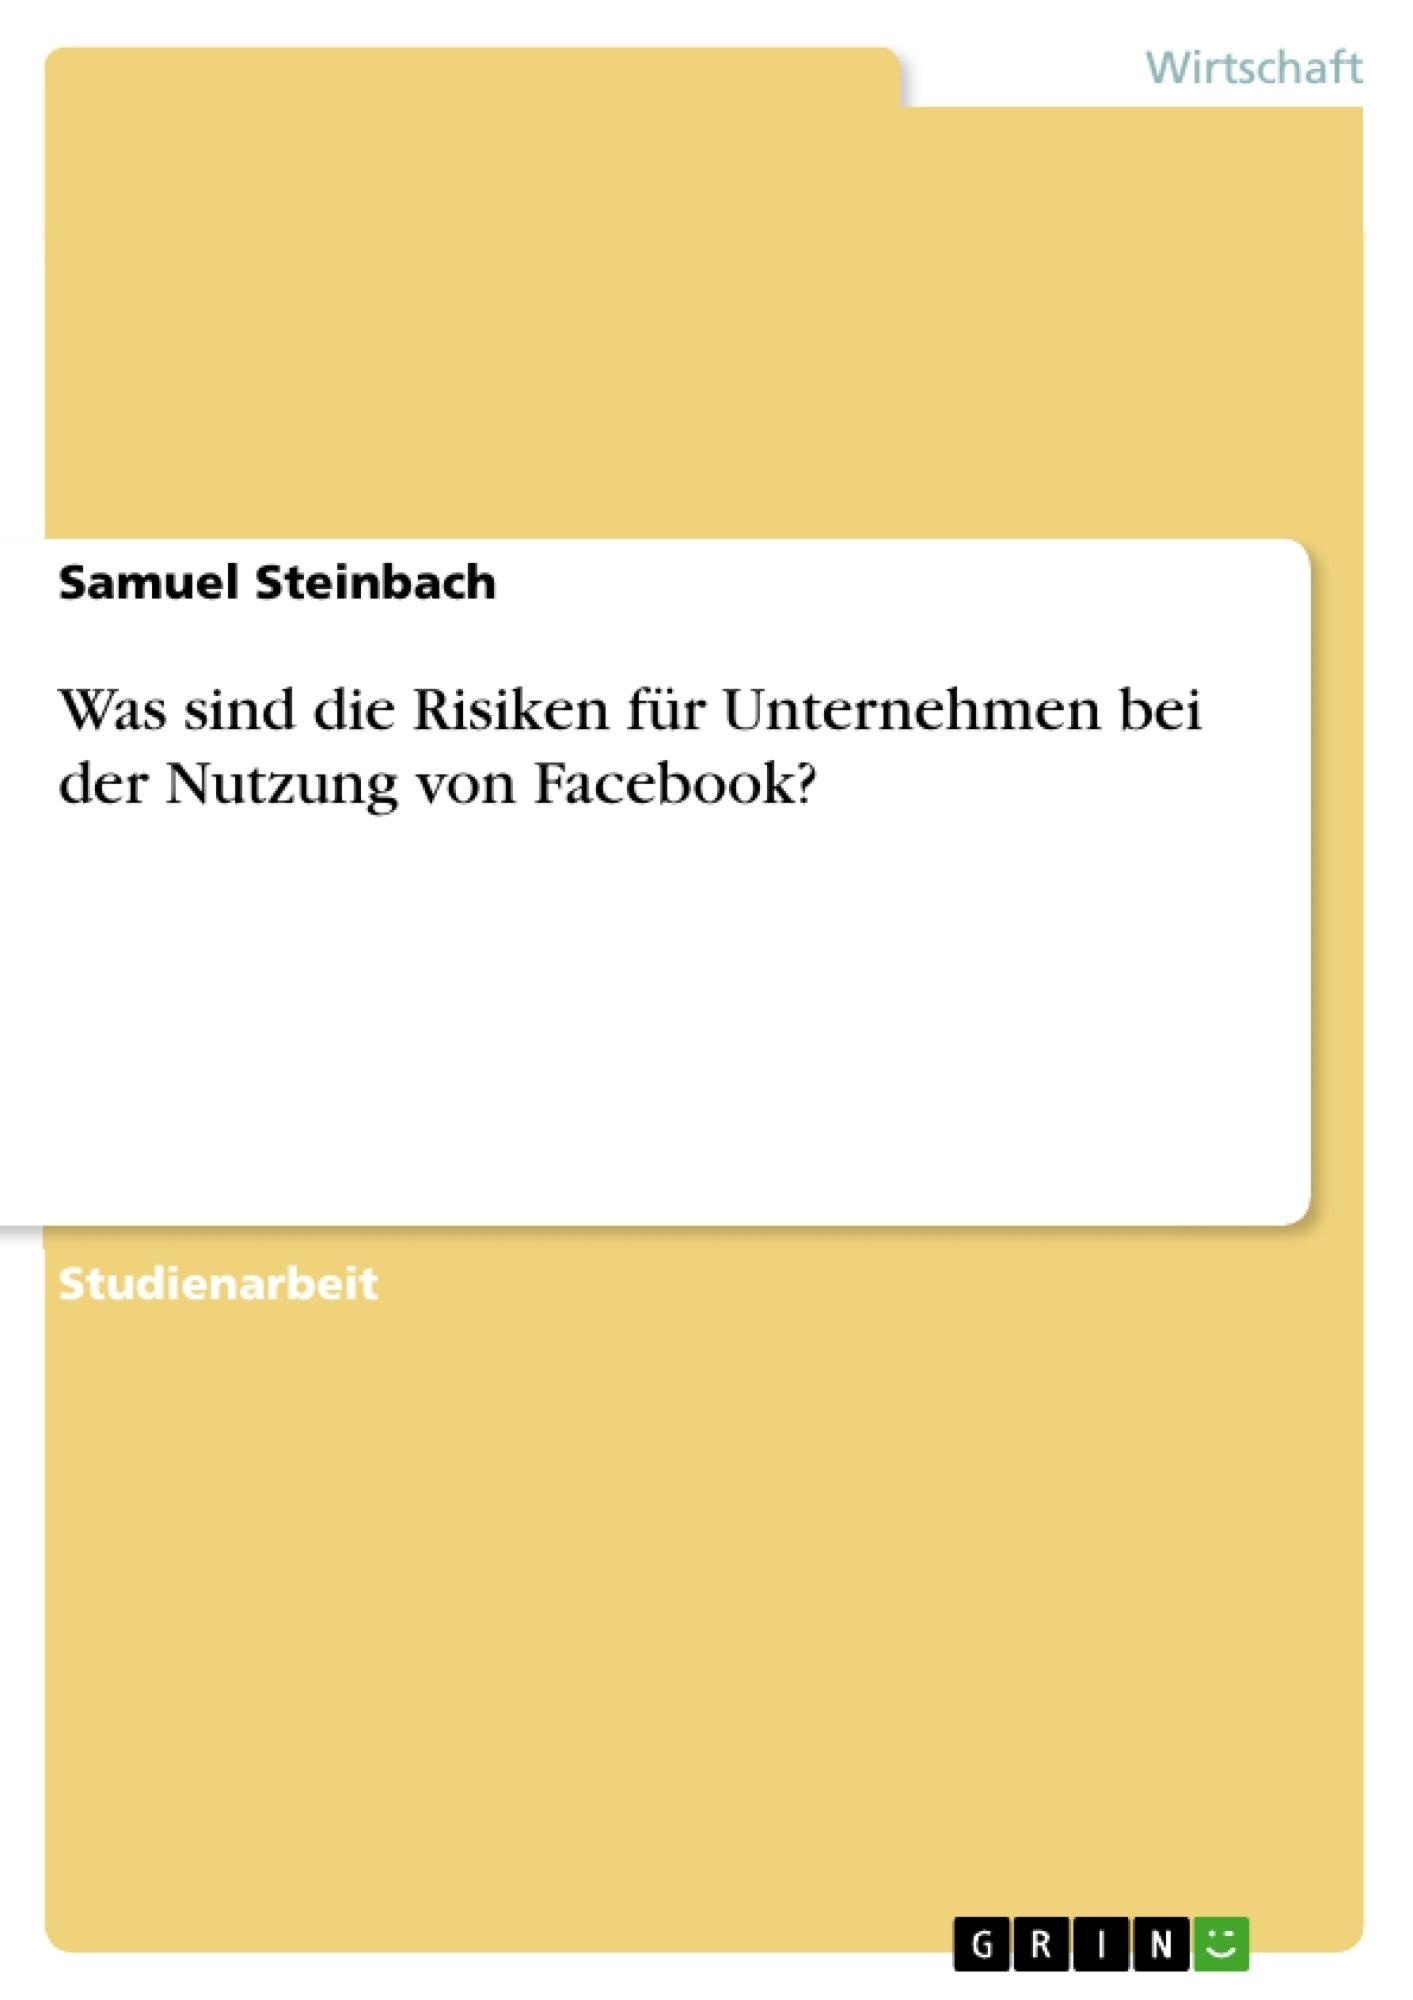 Titel: Was sind die Risiken für Unternehmen bei der Nutzung von Facebook?